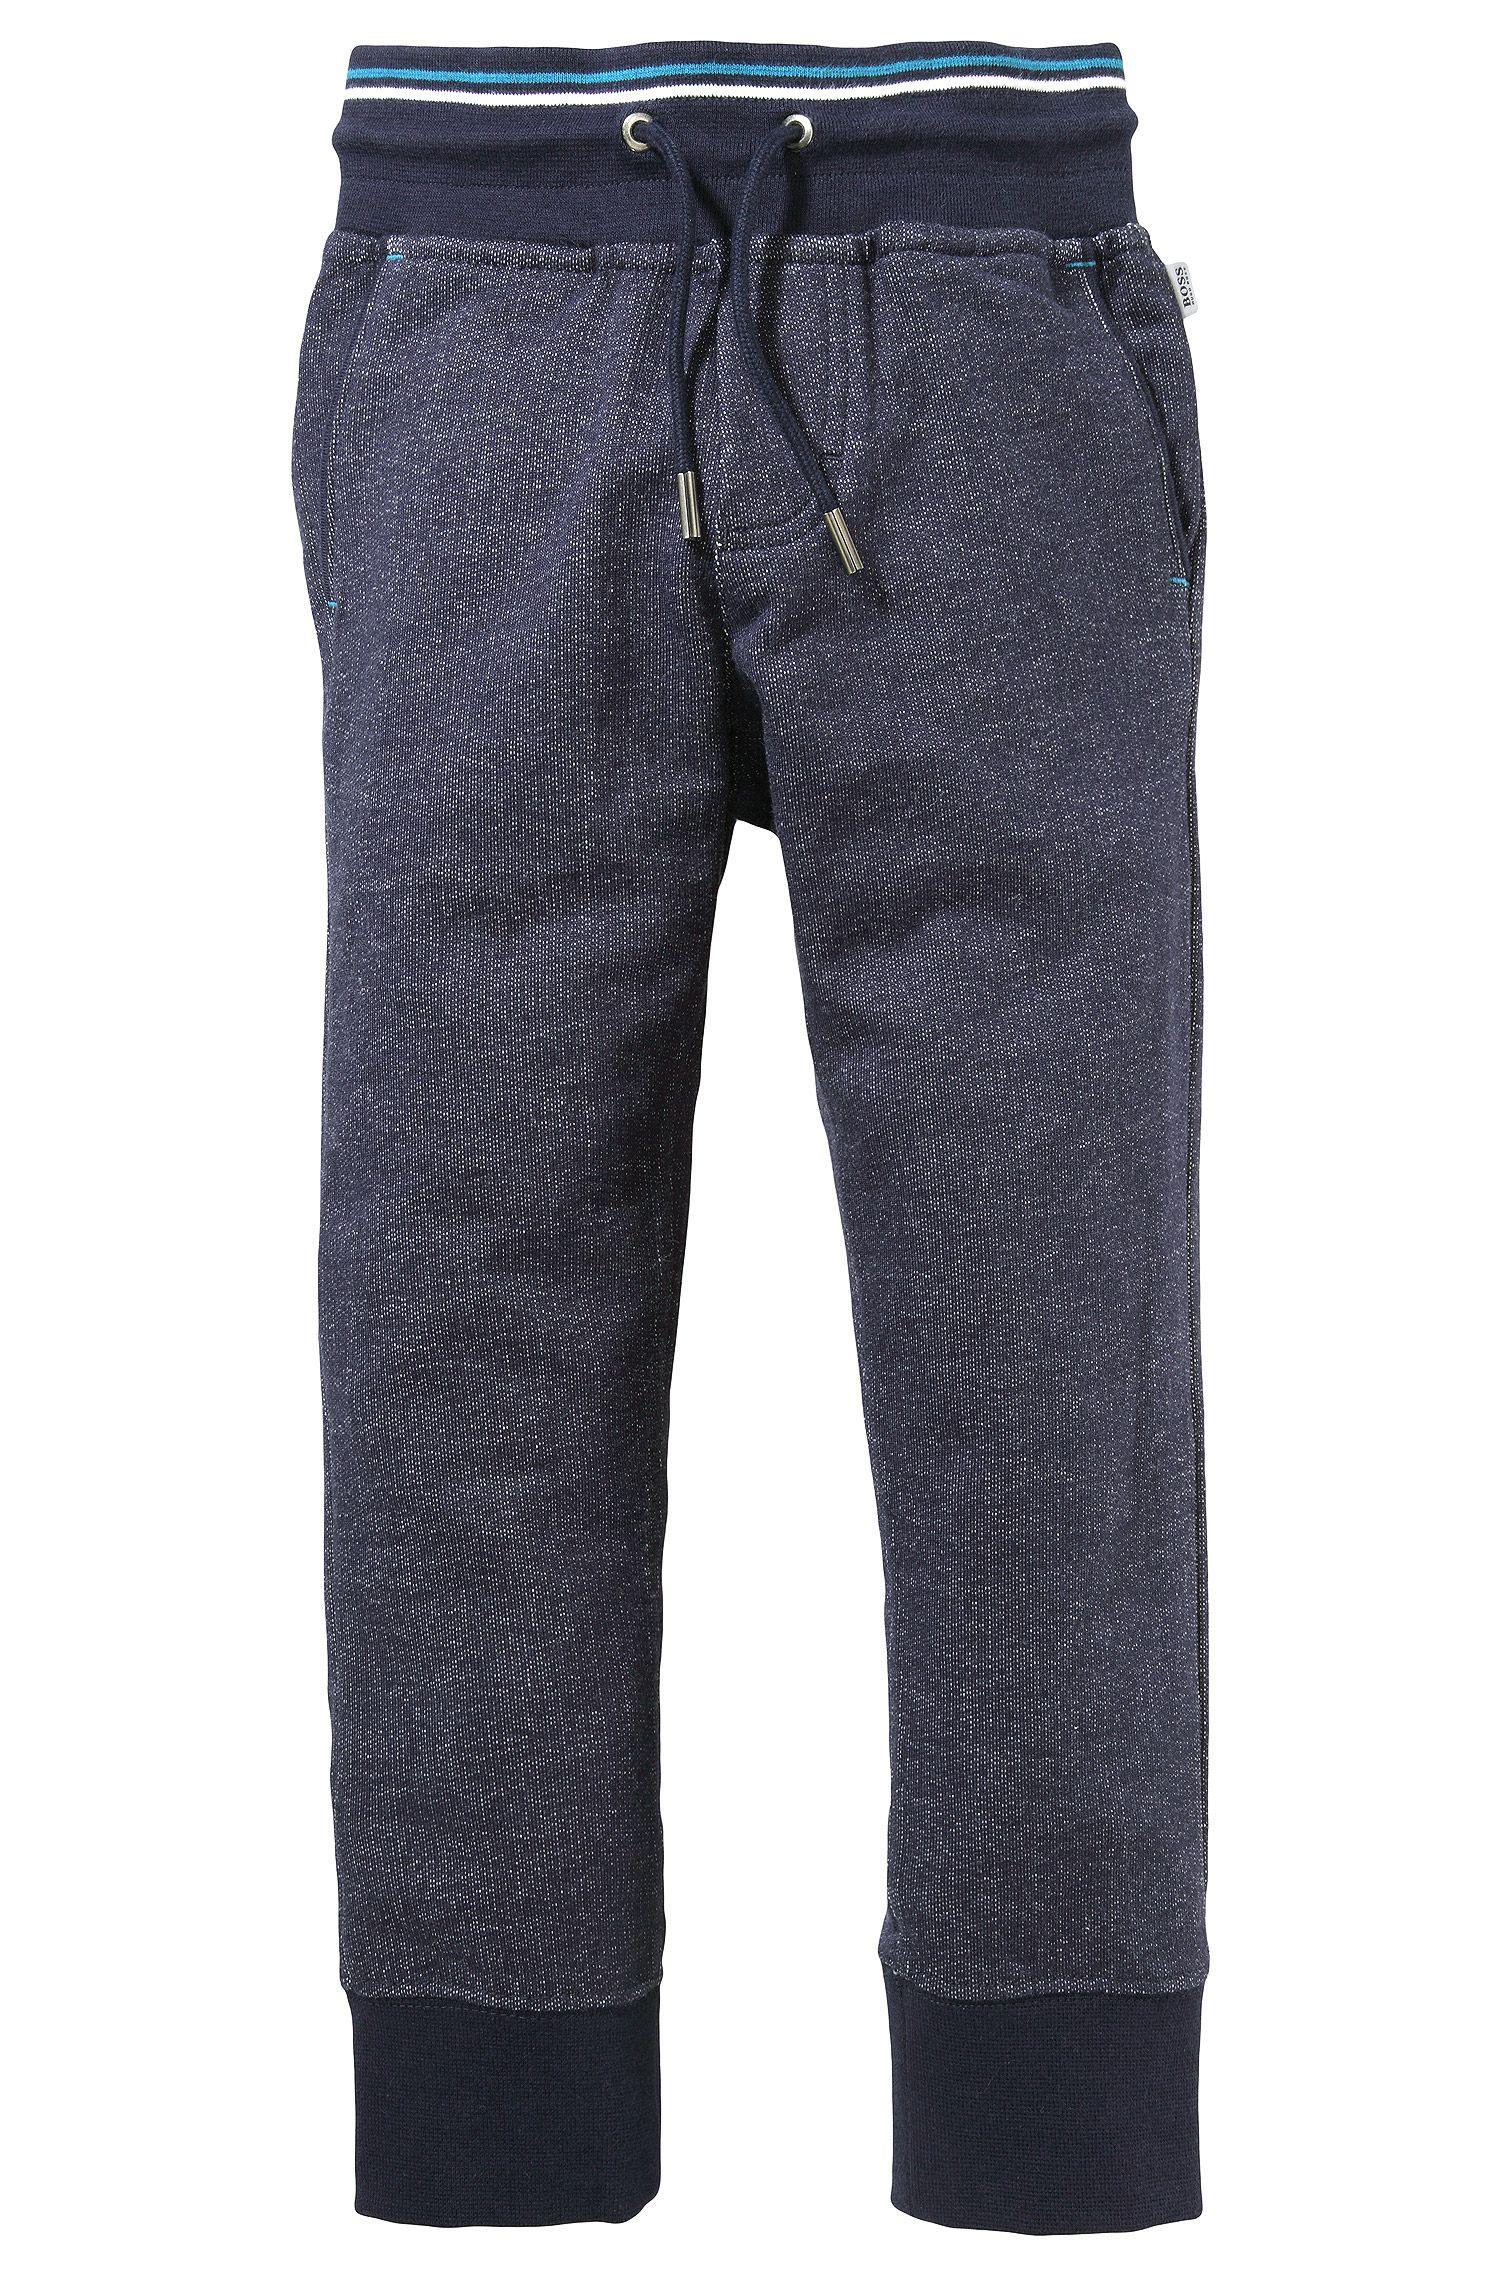 Pantalon de jogging pour enfant «J24338» en coton